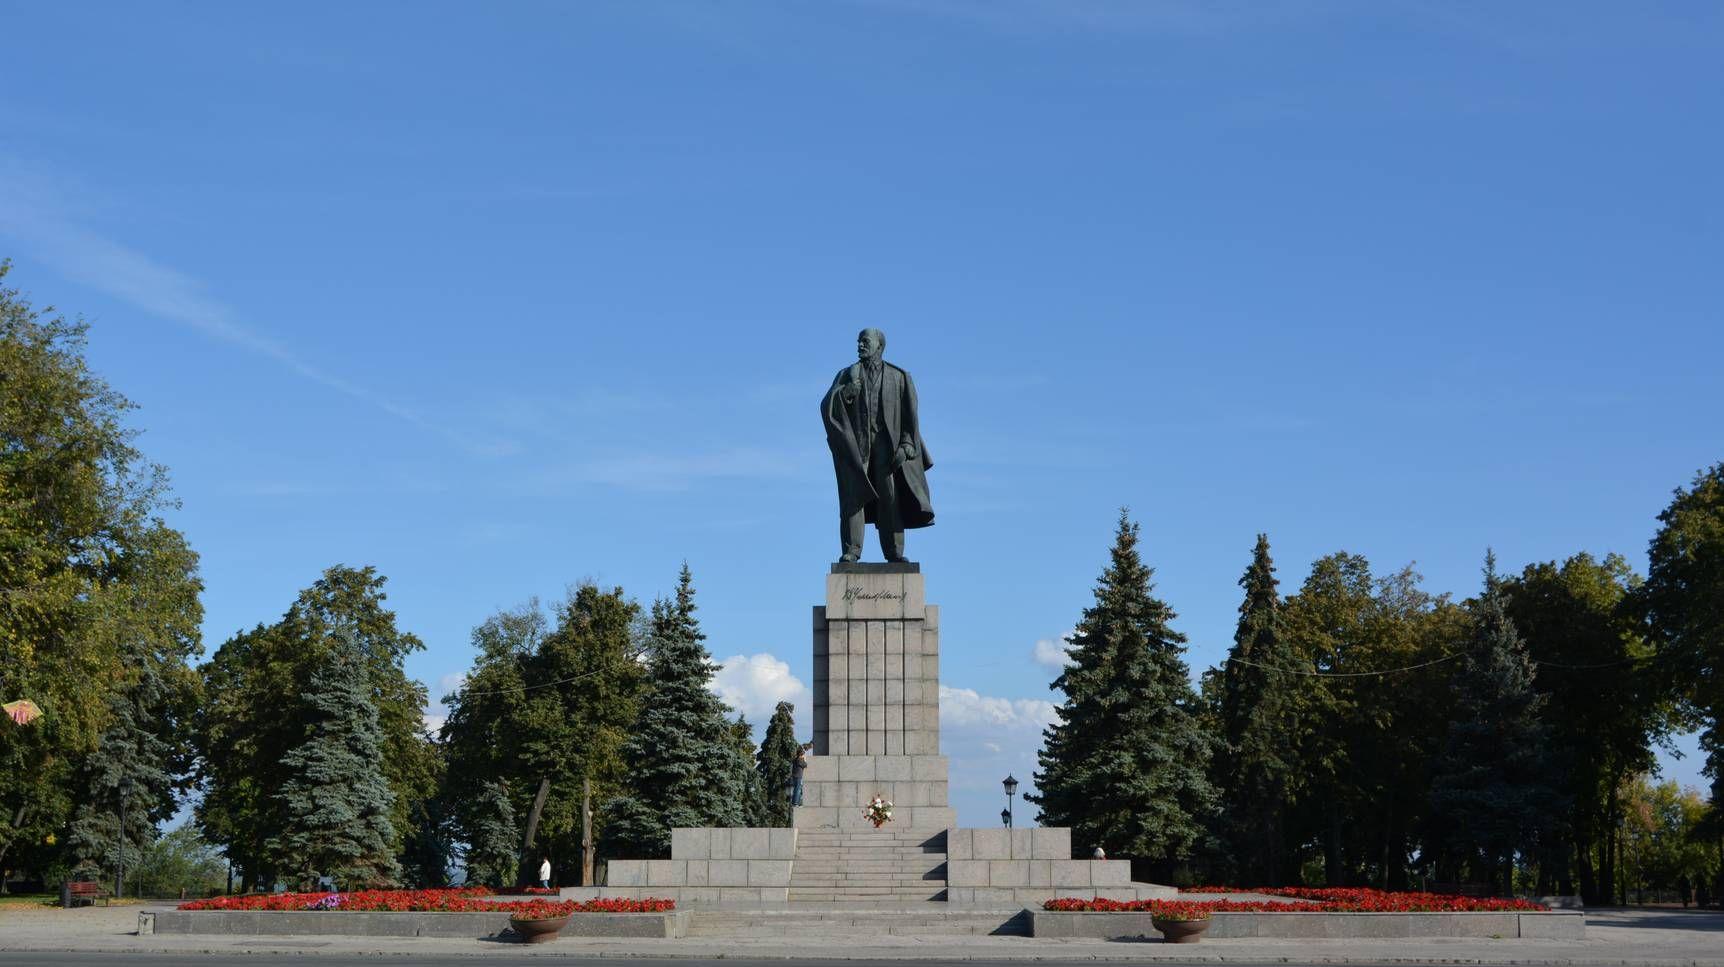 Памятник Владимиру Ильичу на площади Ленина в Ульяновске (cc)Lene4ka